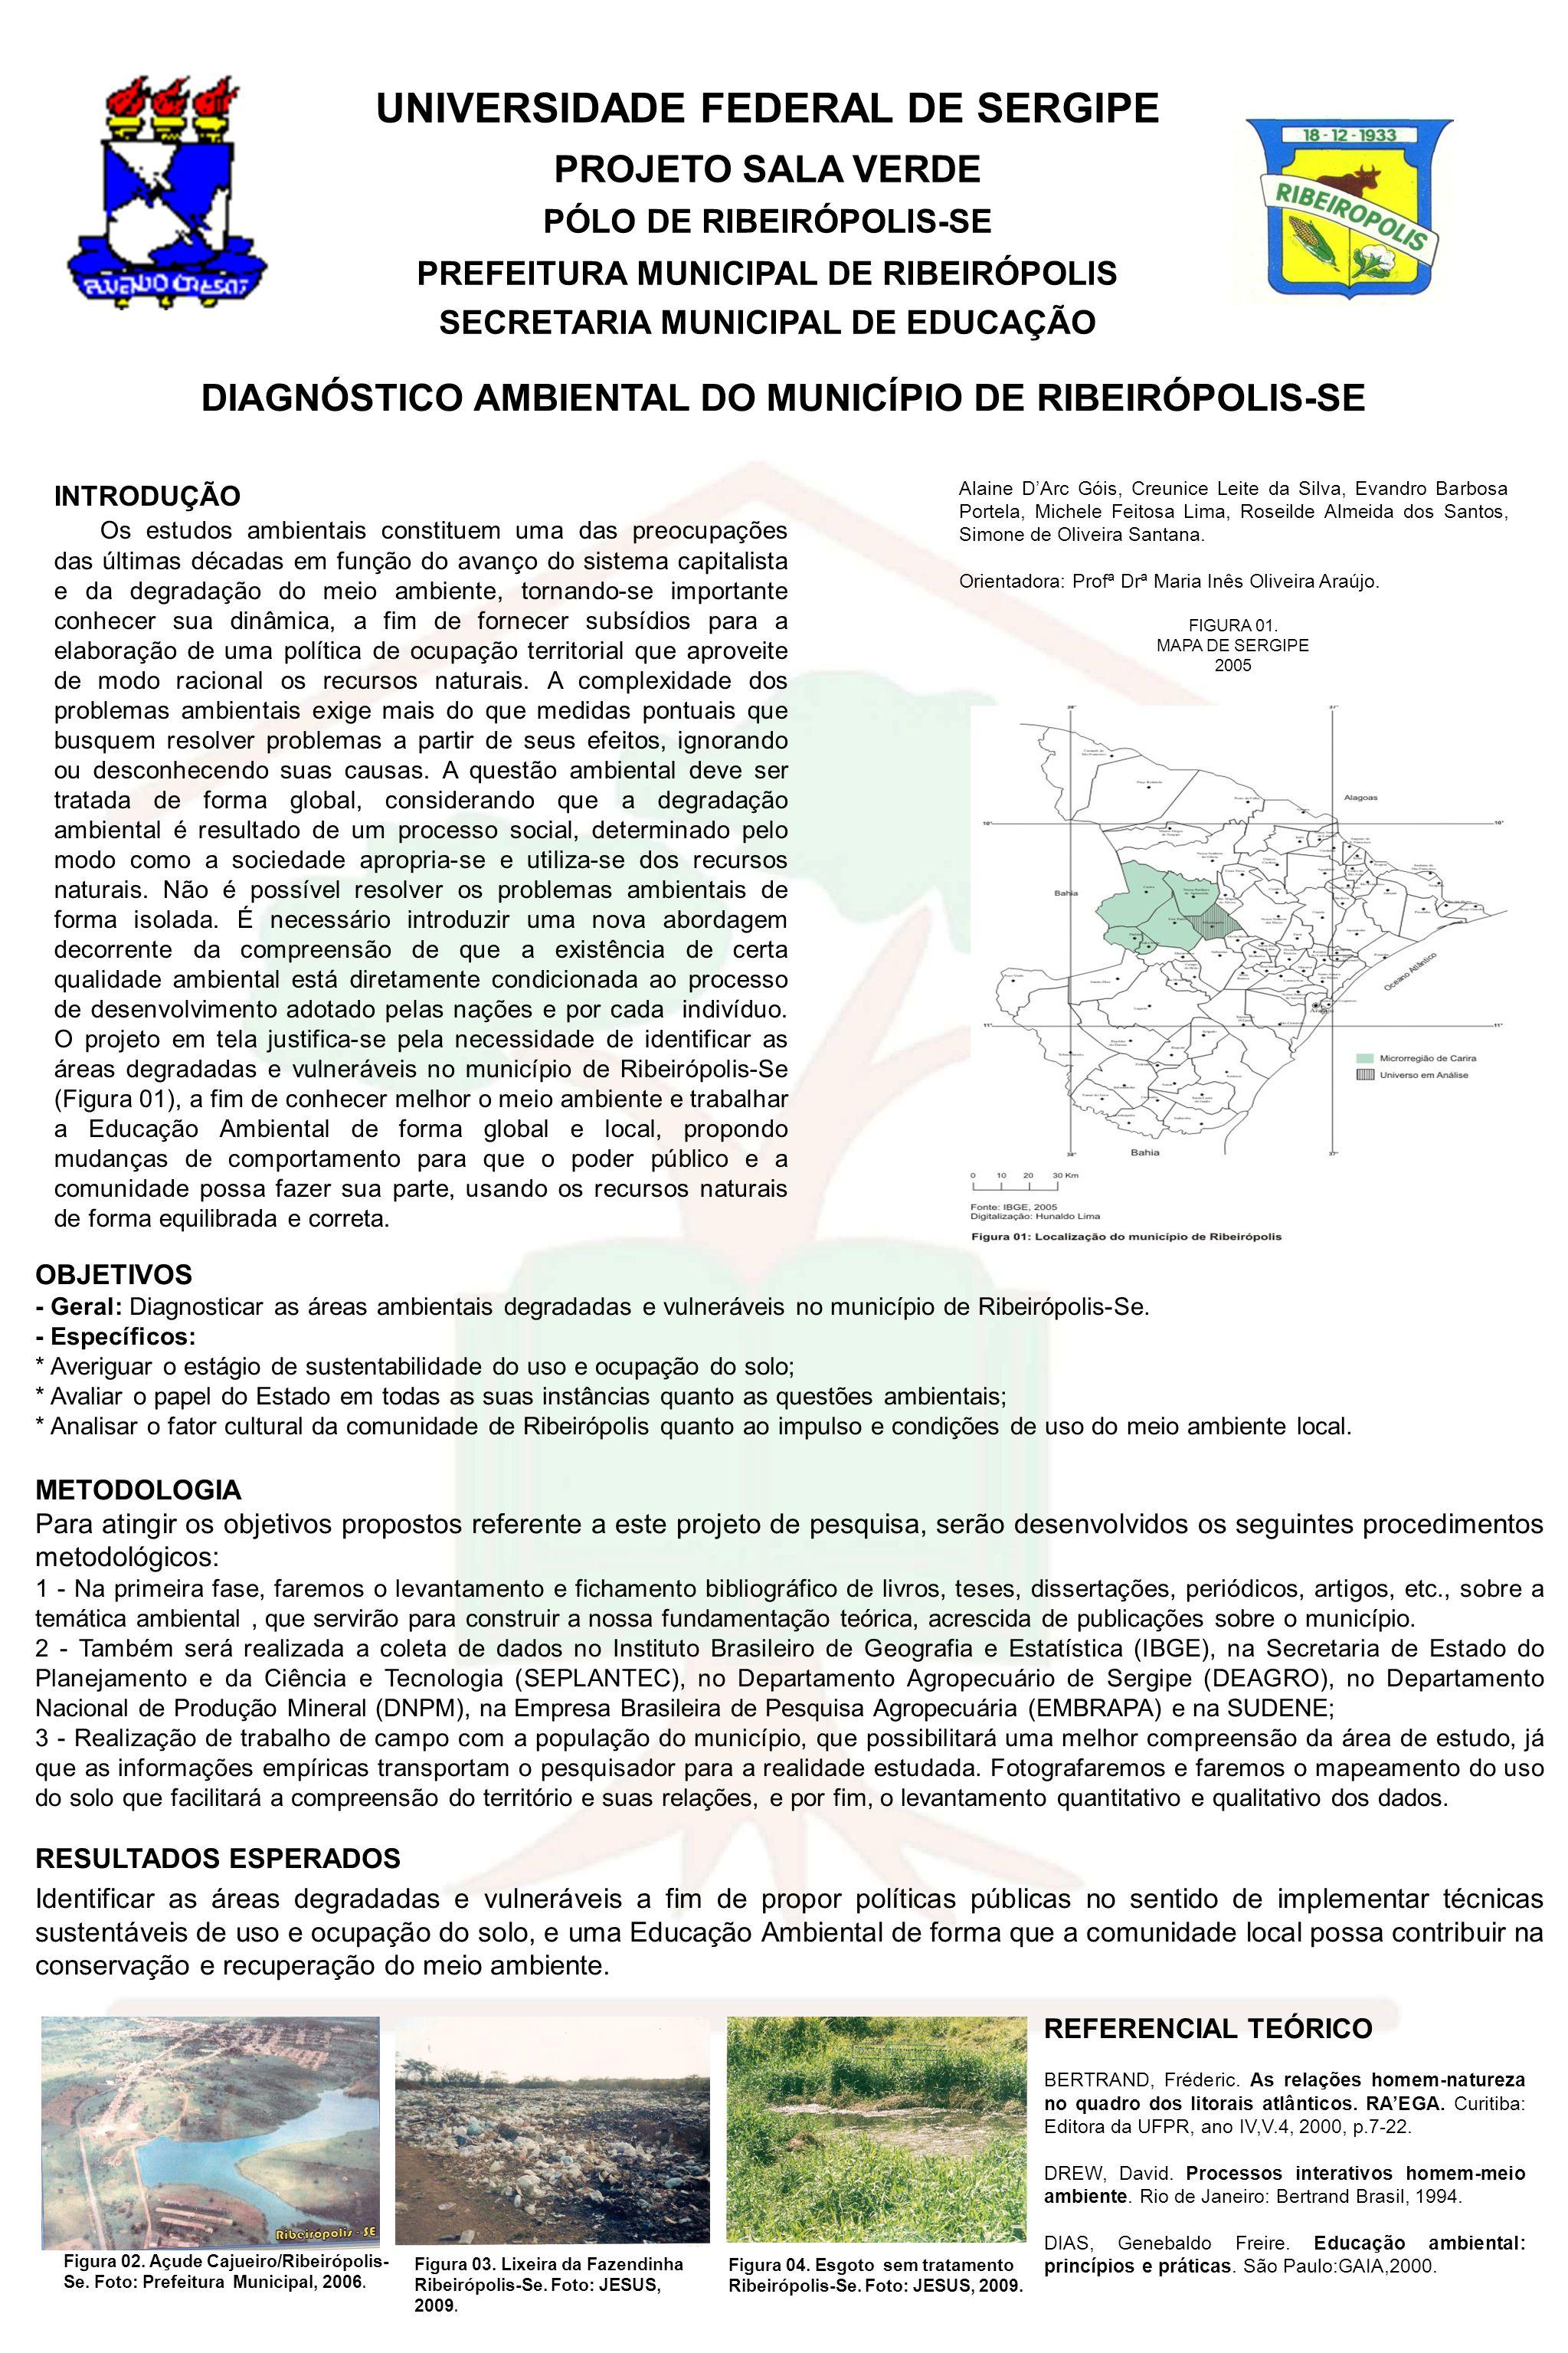 UNIVERSIDADE FEDERAL DE SERGIPE PROJETO SALA VERDE PÓLO DE RIBEIRÓPOLIS-SE PREFEITURA MUNICIPAL DE RIBEIRÓPOLIS SECRETARIA MUNICIPAL DE EDUCAÇÃO DIAGNÓSTICO AMBIENTAL DO MUNICÍPIO DE RIBEIRÓPOLIS-SE OBJETIVOS - Geral: Diagnosticar as áreas ambientais degradadas e vulneráveis no município de Ribeirópolis-Se.